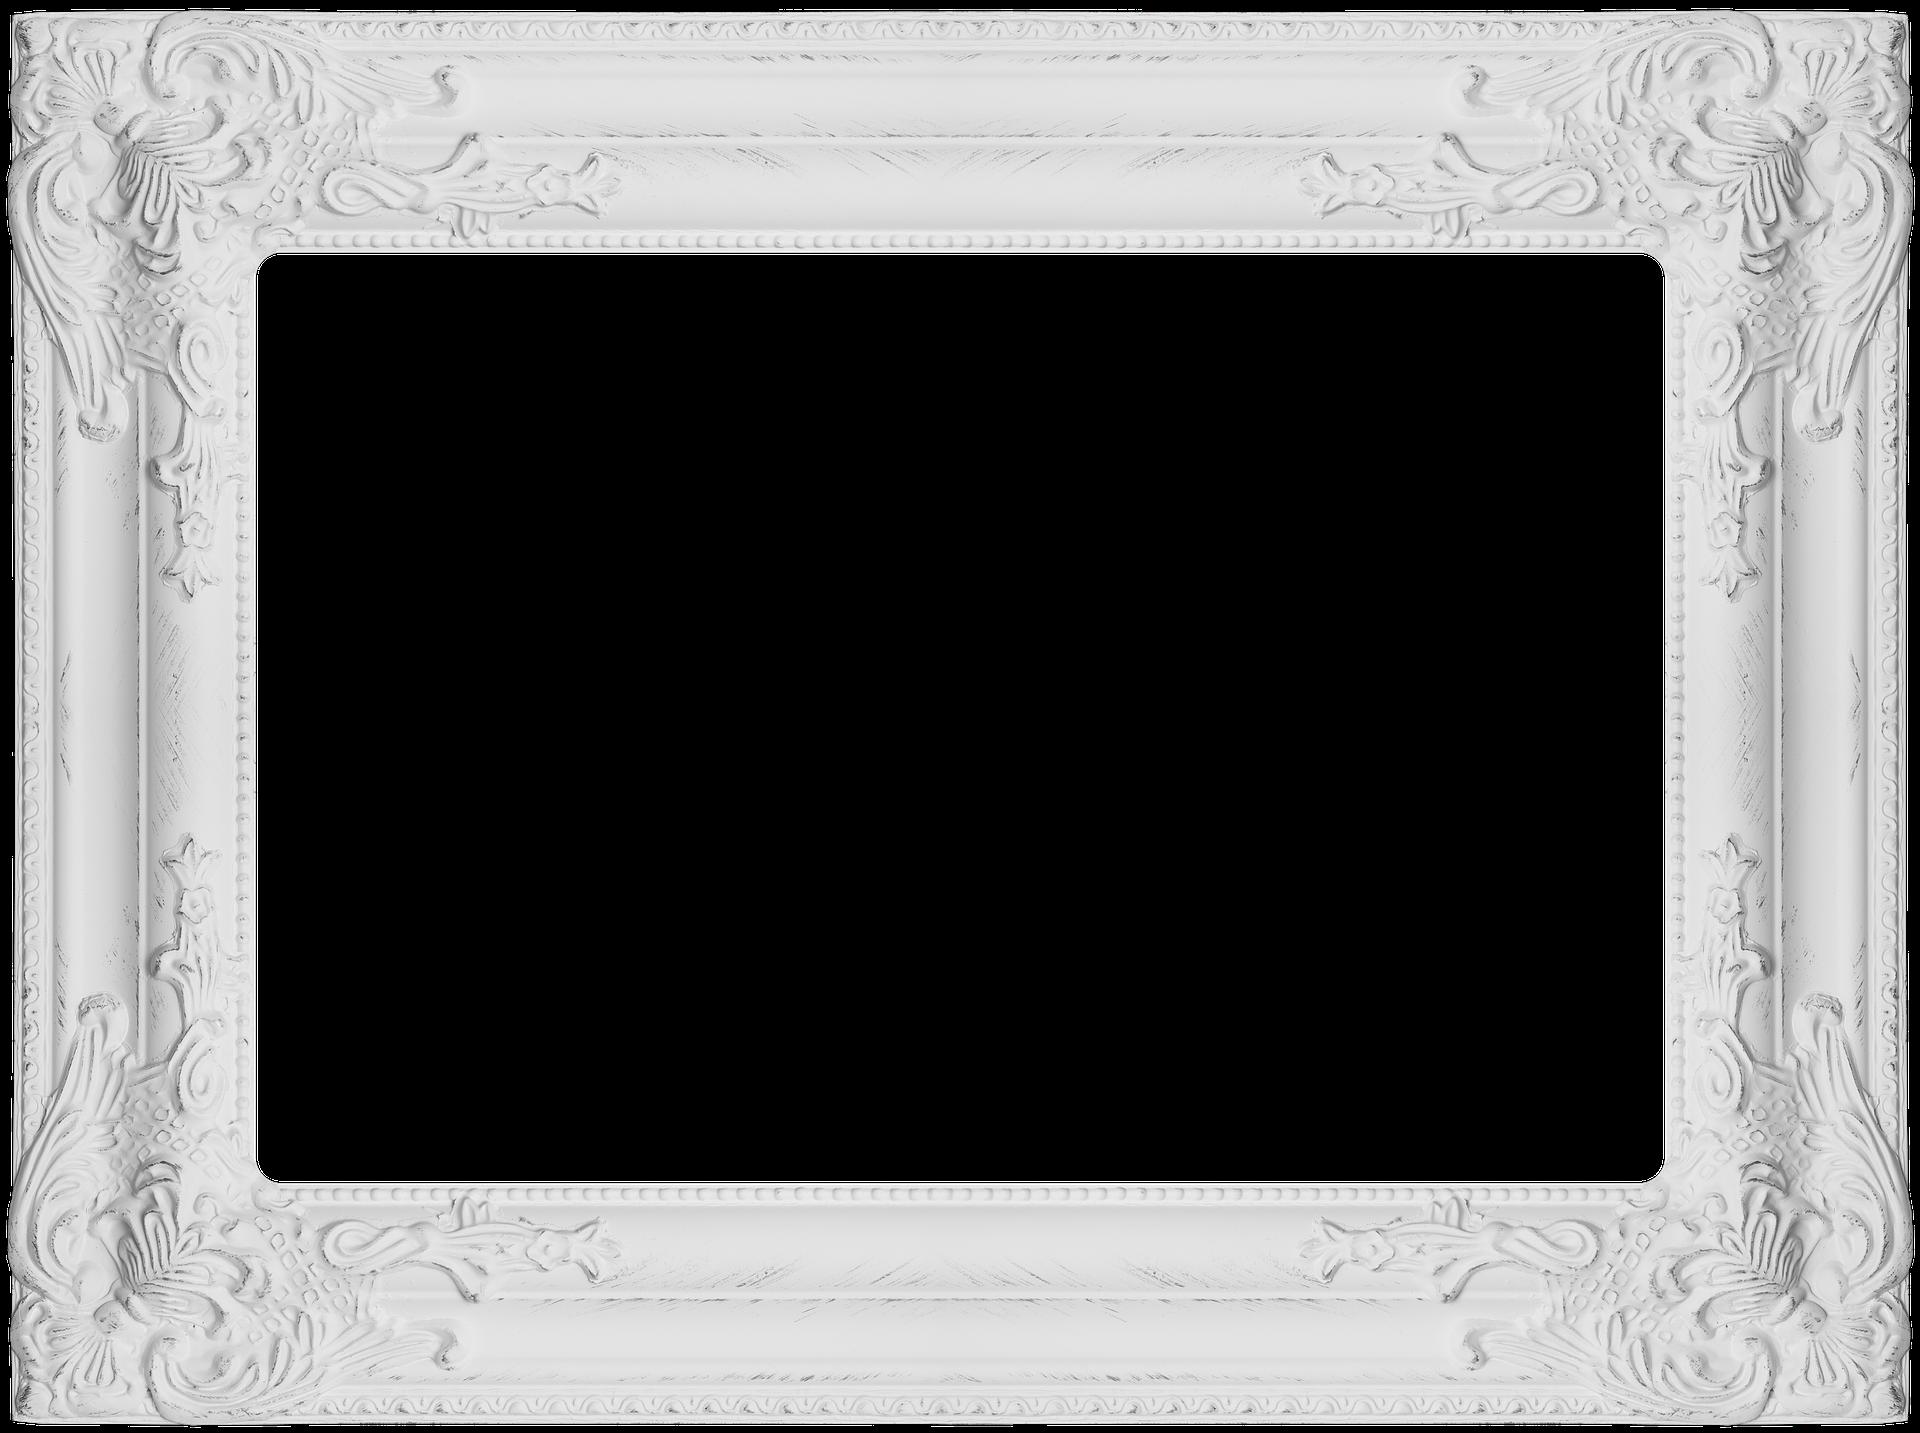 Frame ảnh màu trắng đẹp